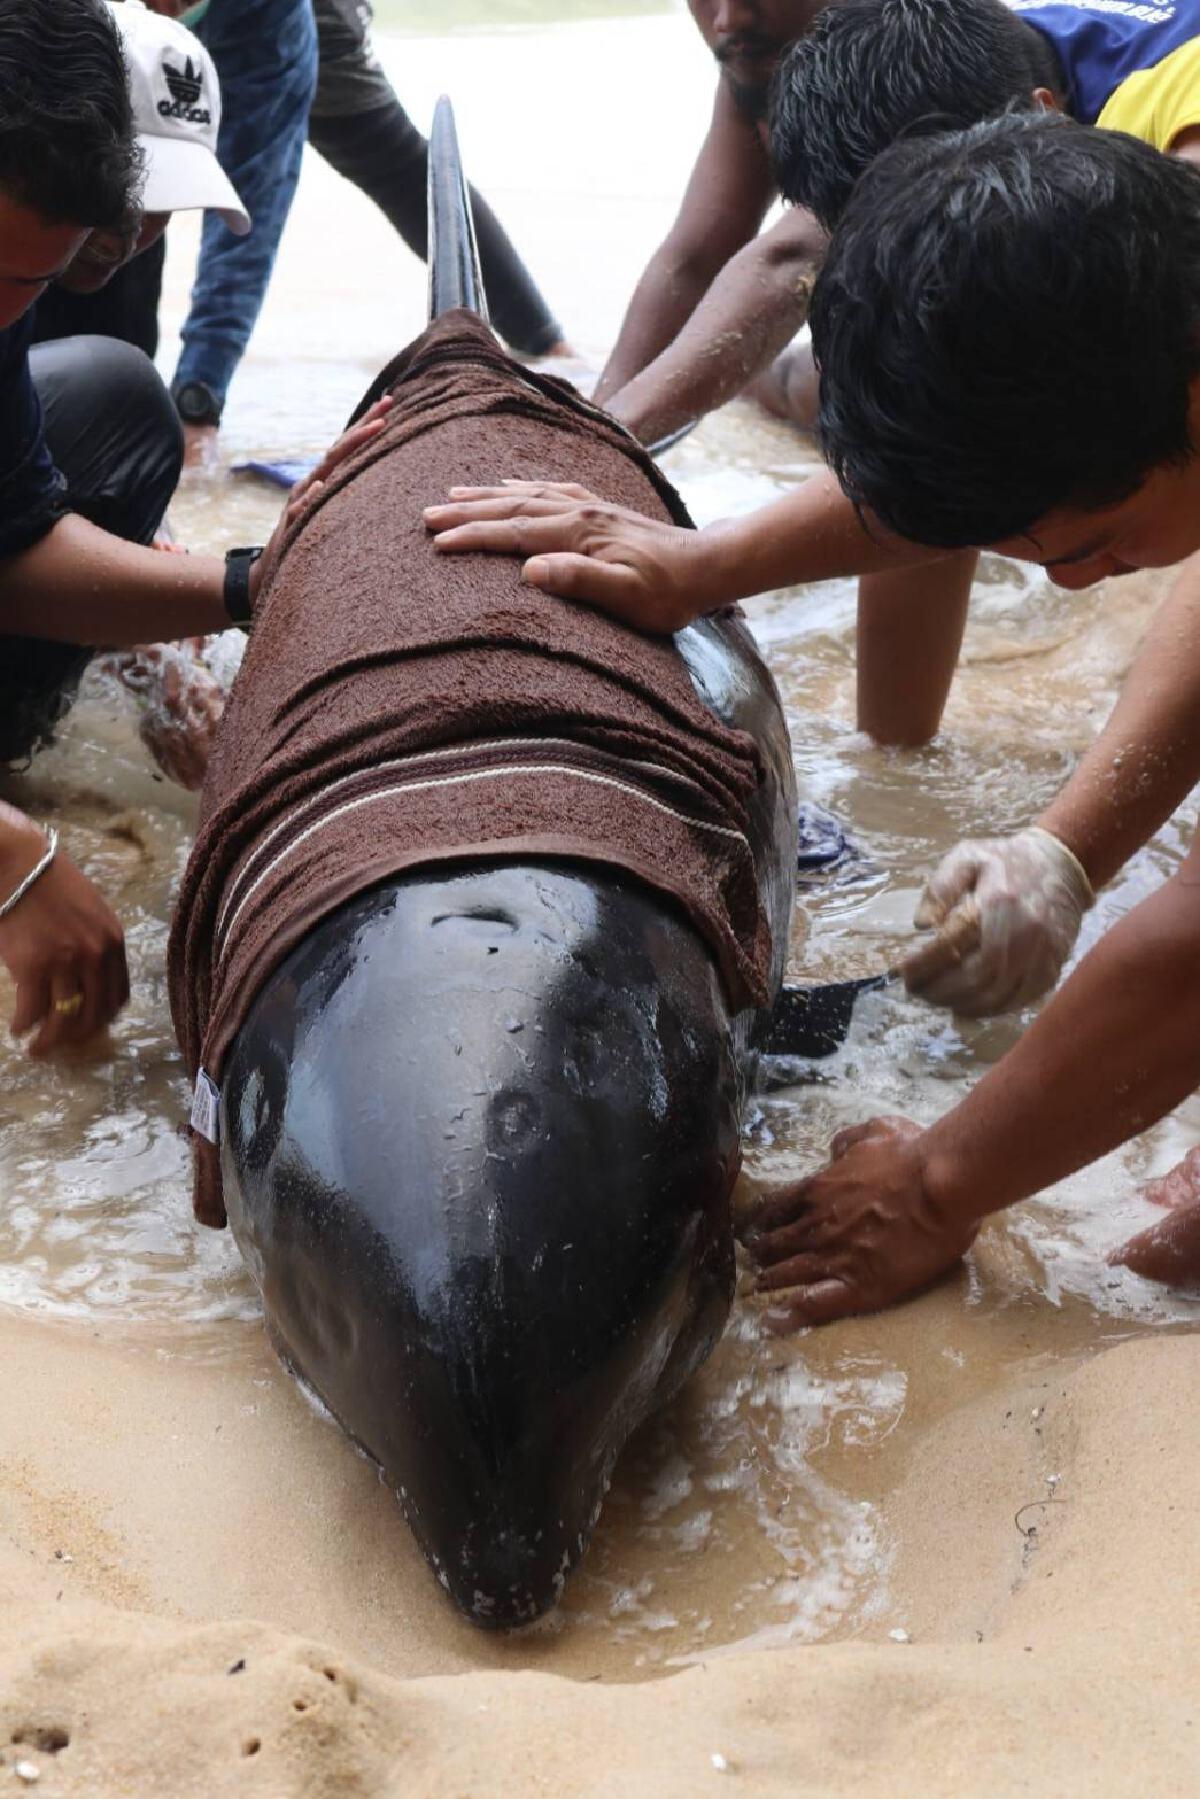 จนท.เร่งช่วย วาฬหัวแตงโม หลังพบลอยเกยตื้น หน้าสถาบันพิทักษ์ทะเล